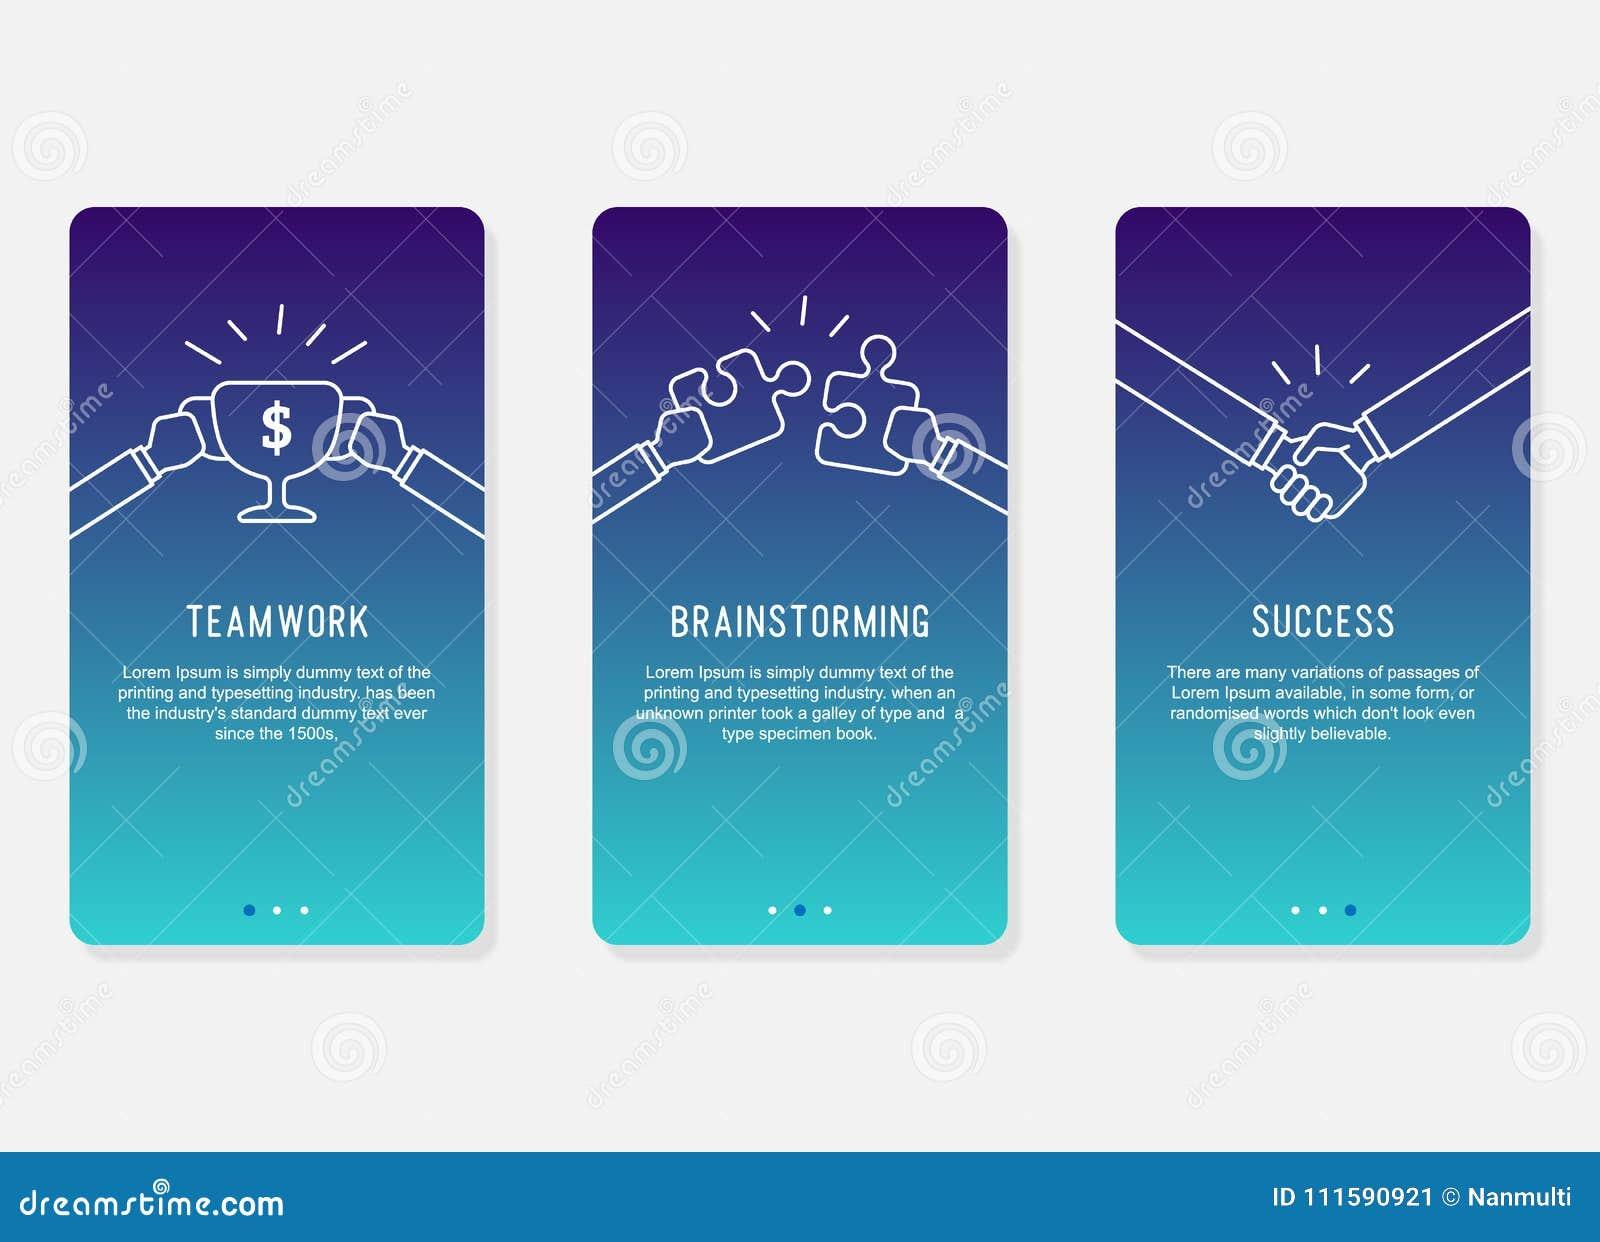 Onboarding skärmdesign i begrepp för affärsframgång Modern minsta och förenklad illustration, mall för mobila apps